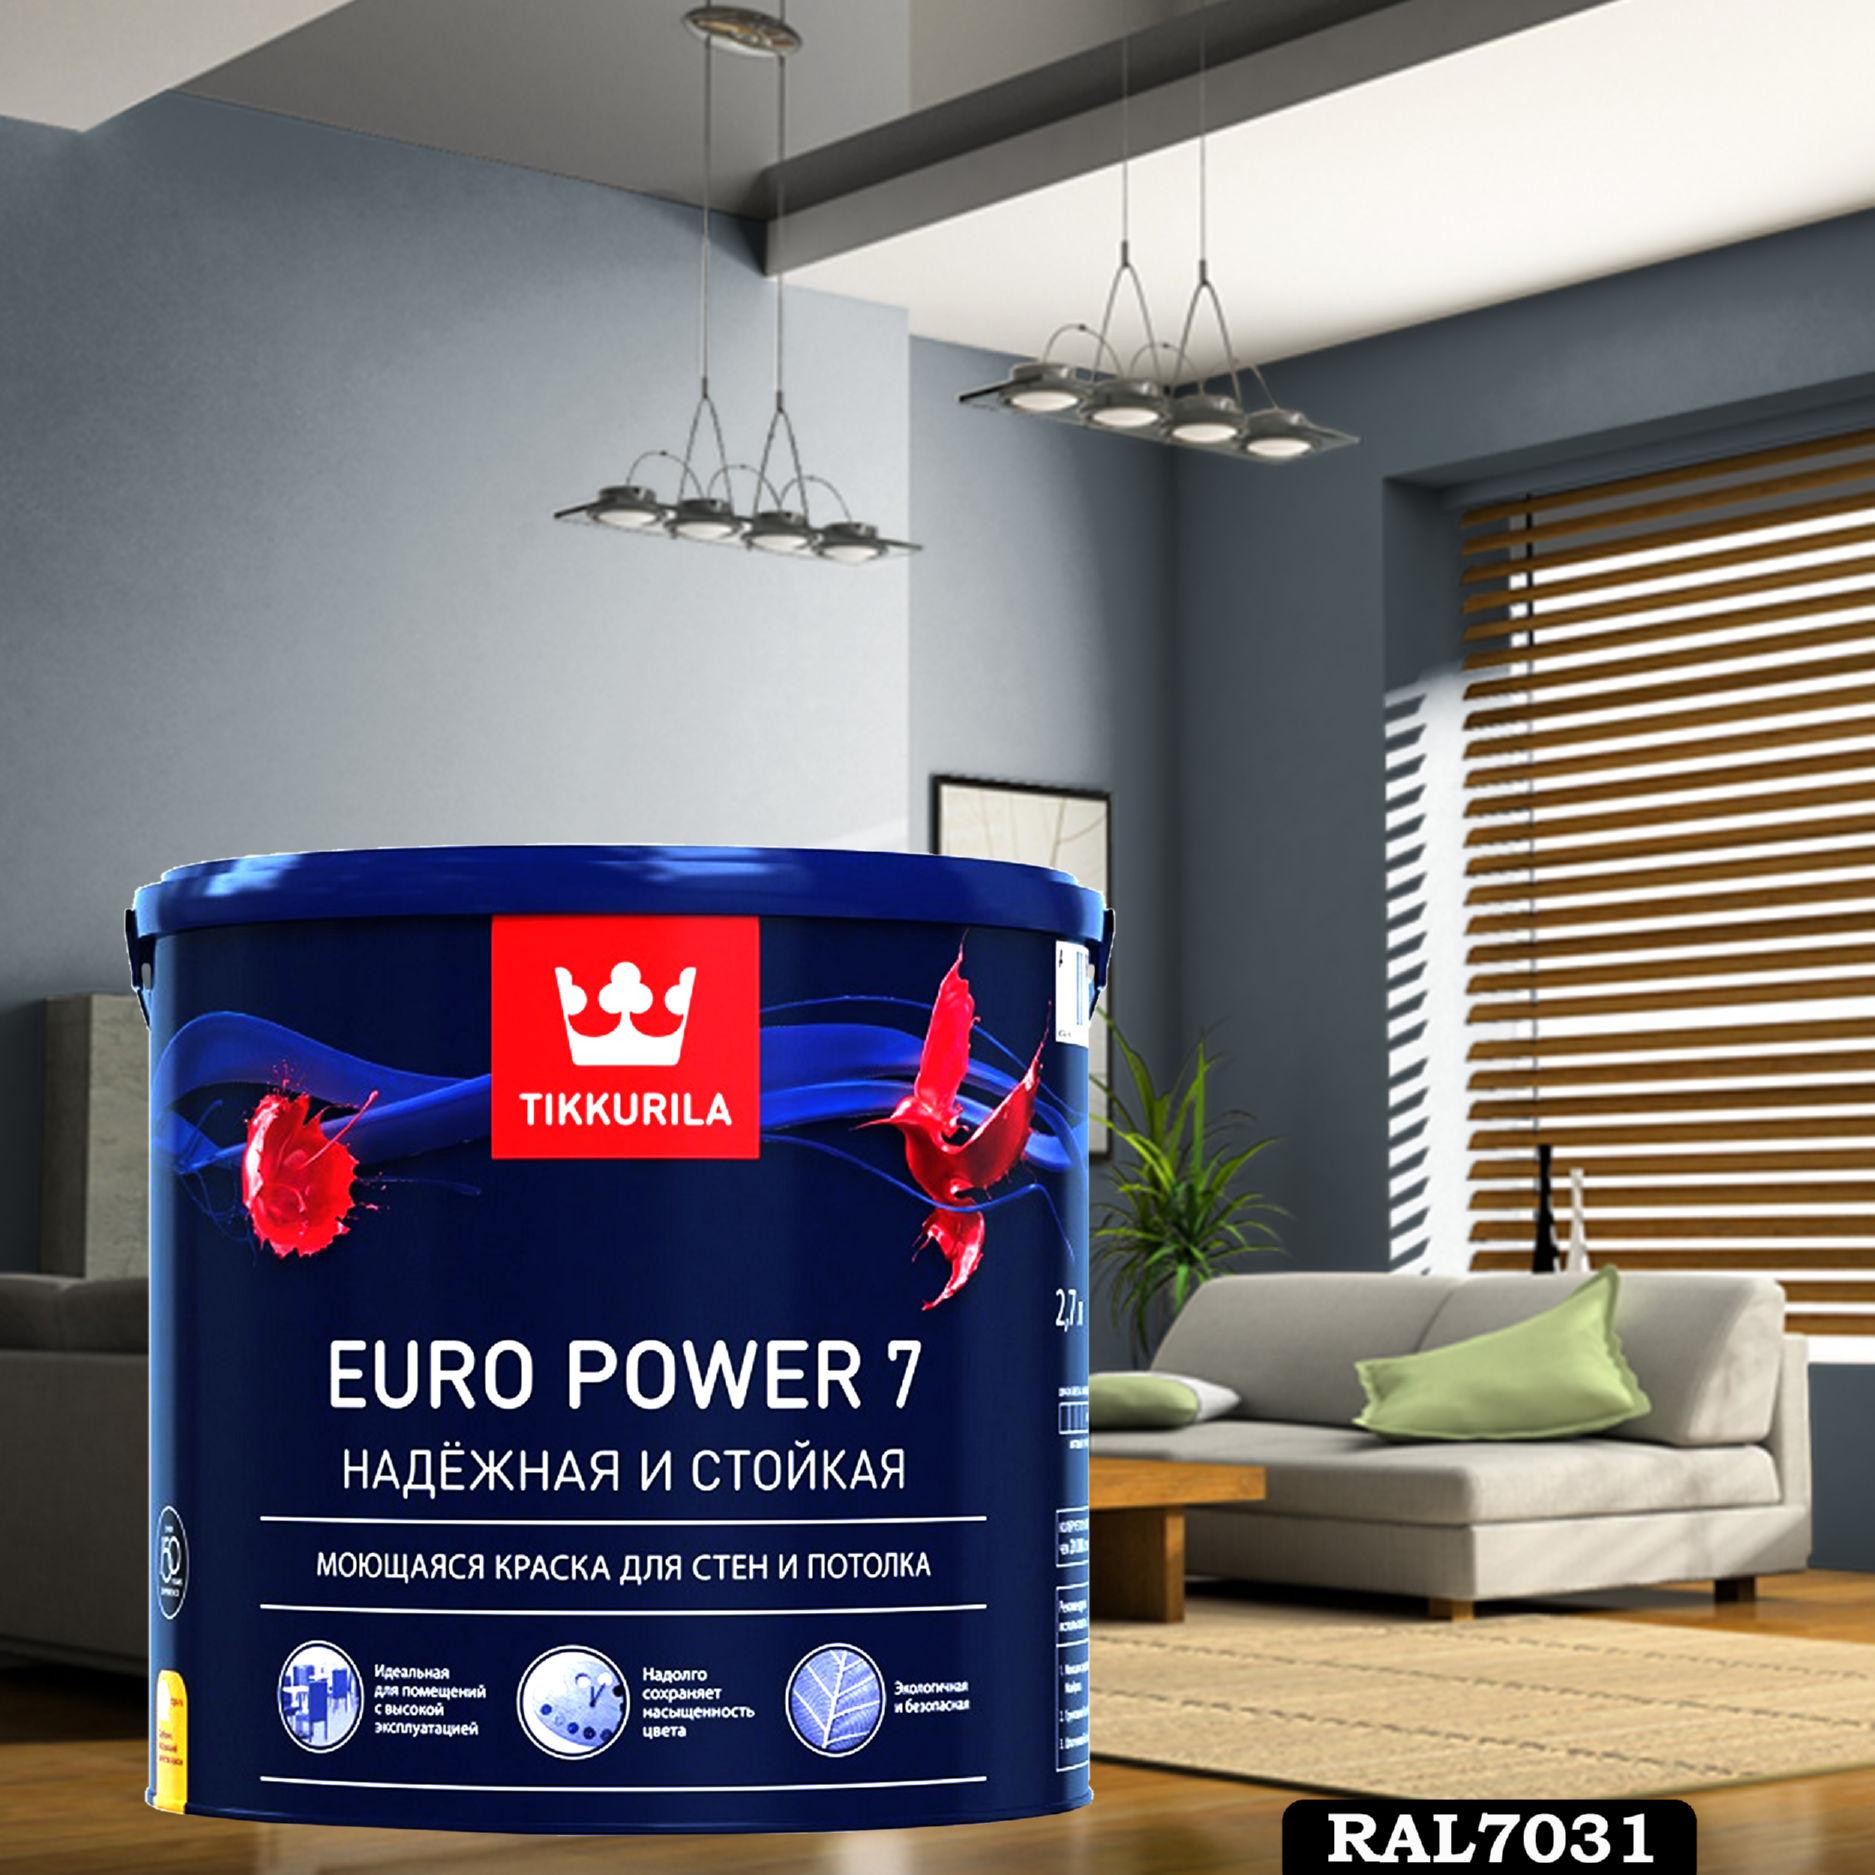 Фото 22 - Краска TIKKURILA Euro Power 7,  RAL 7031 Сине-серый, латексная моющаяся матовая интерьерная, 9 л.